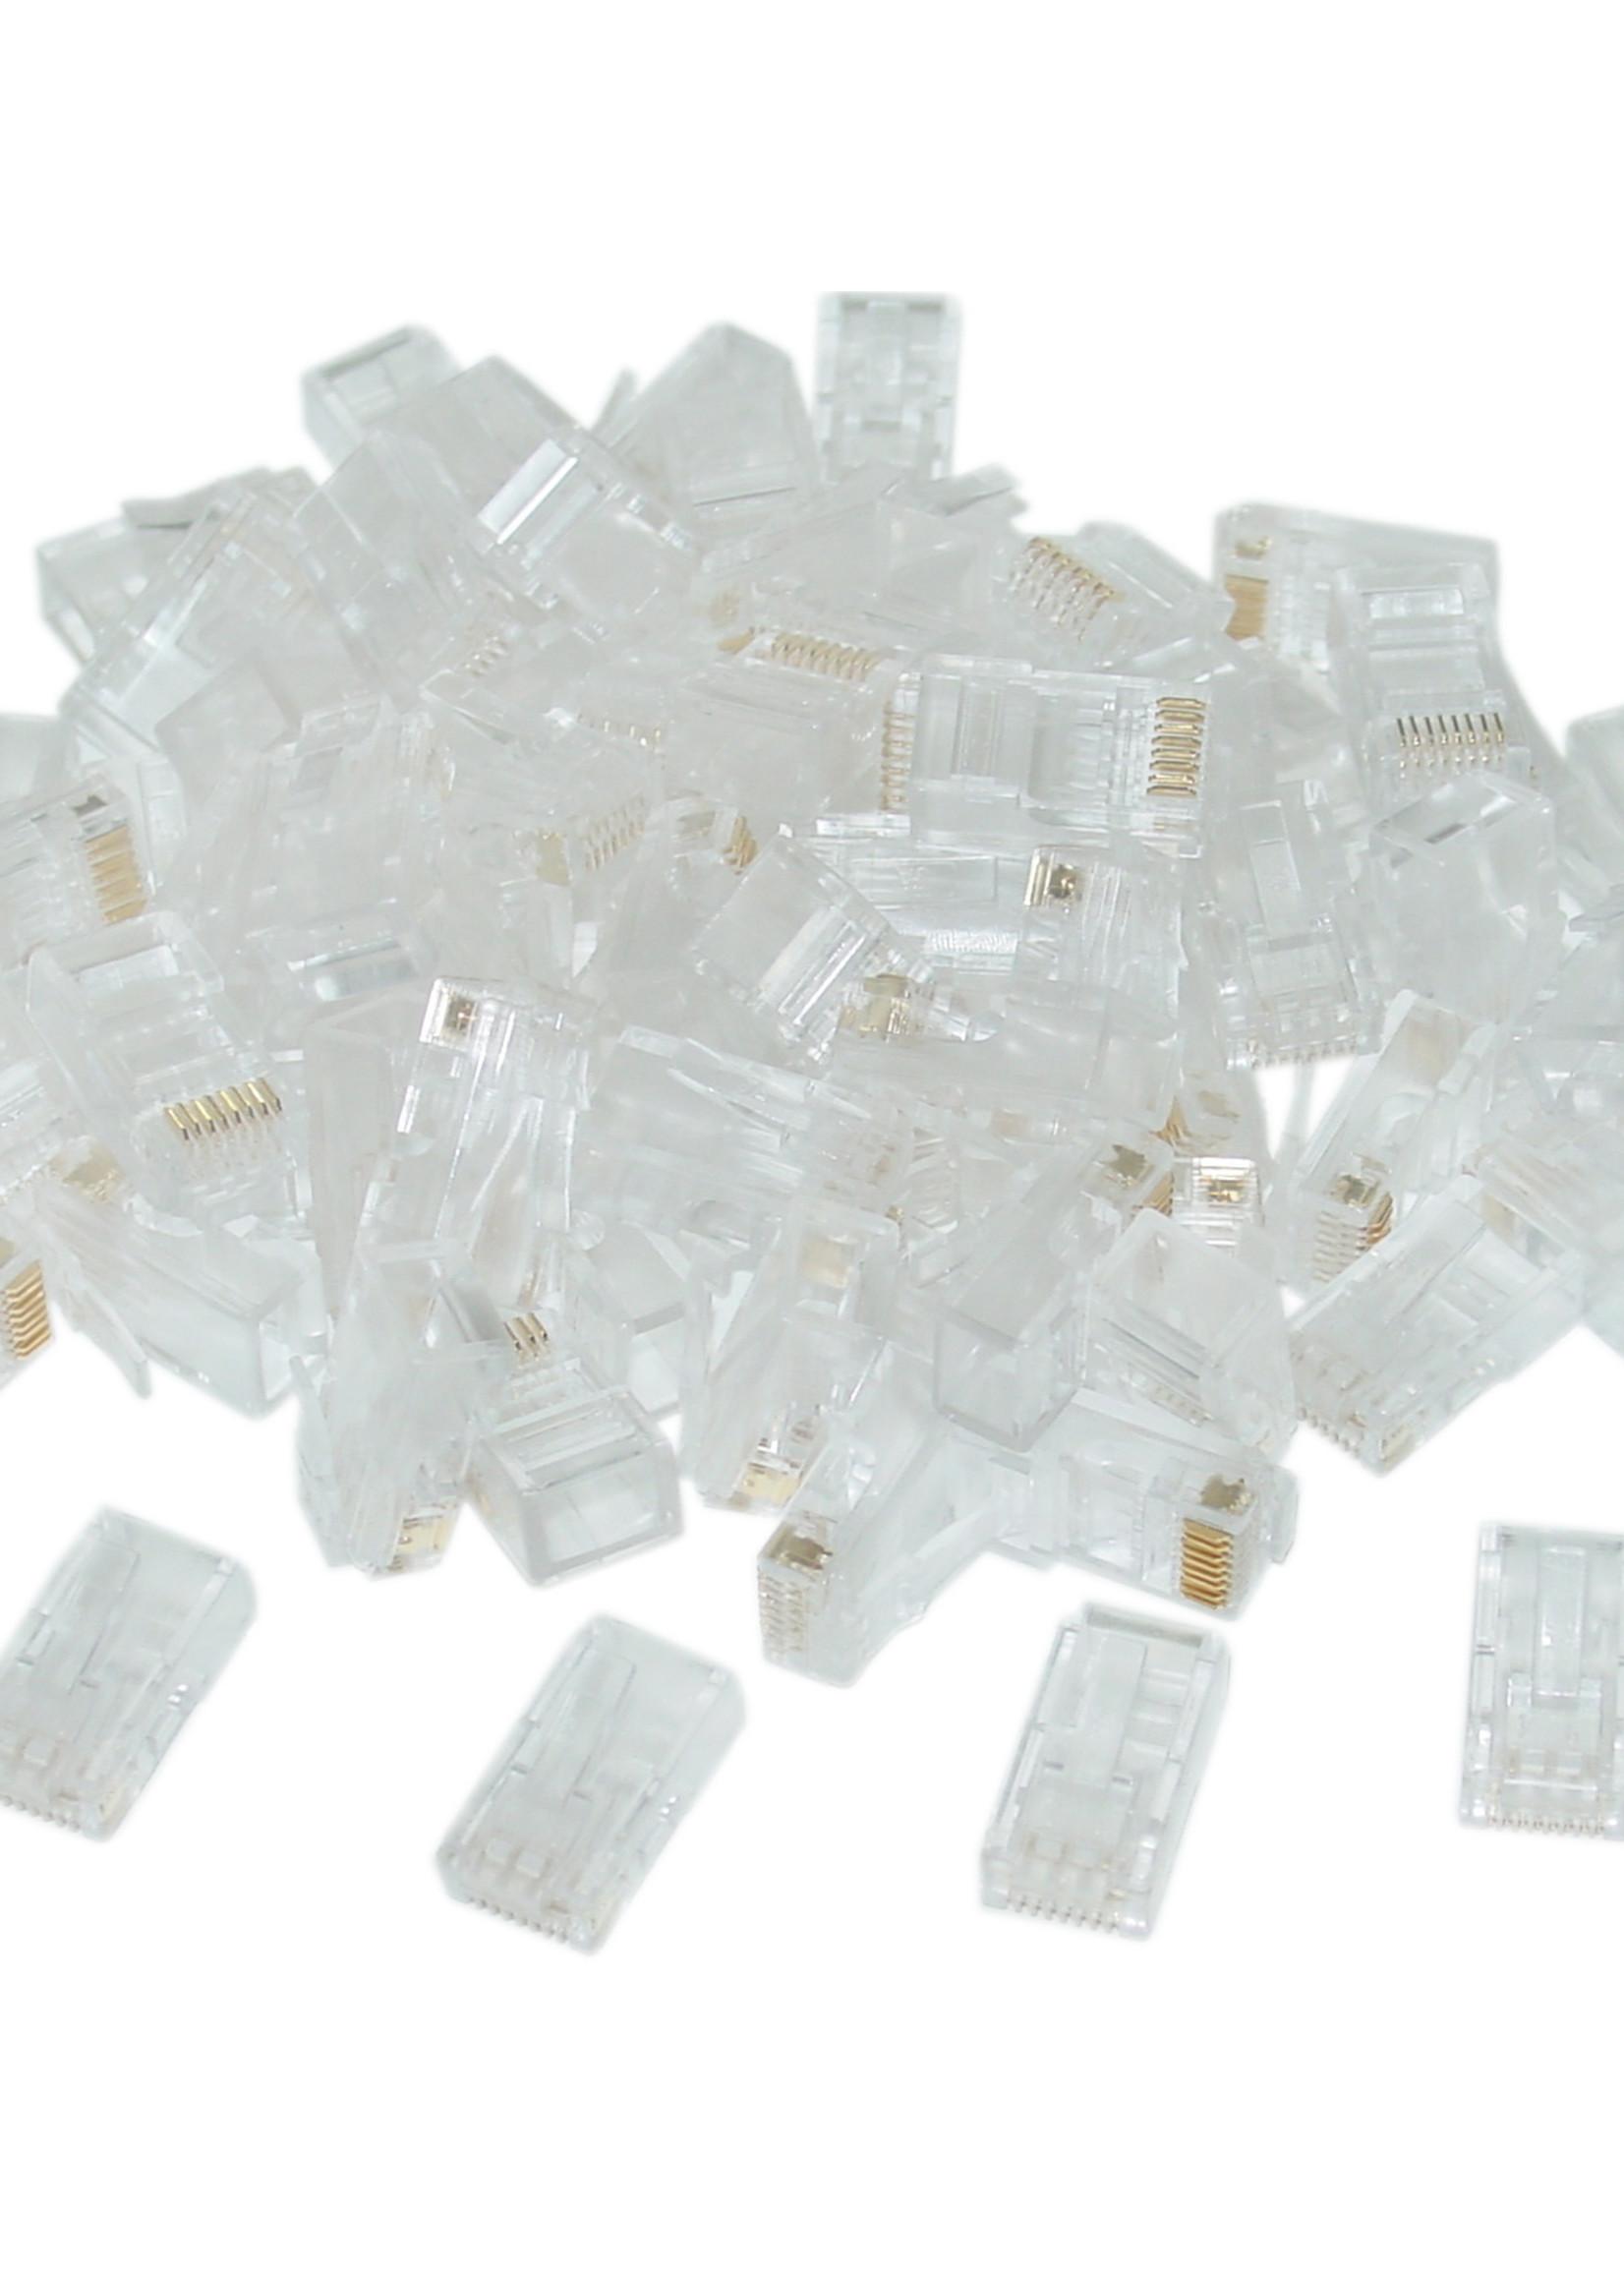 No-name UTP connector 8-pins 8P8C (RJ45) voor CAT6, 50 stuks